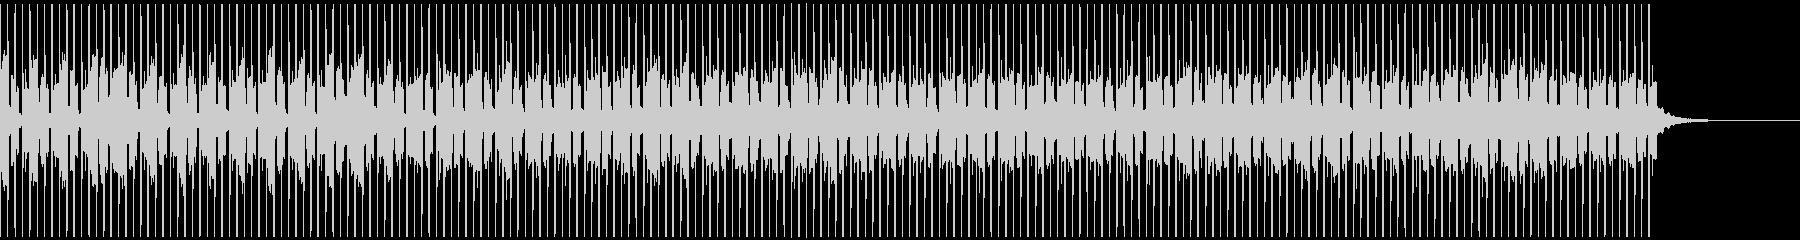 おしゃれなEDMの未再生の波形